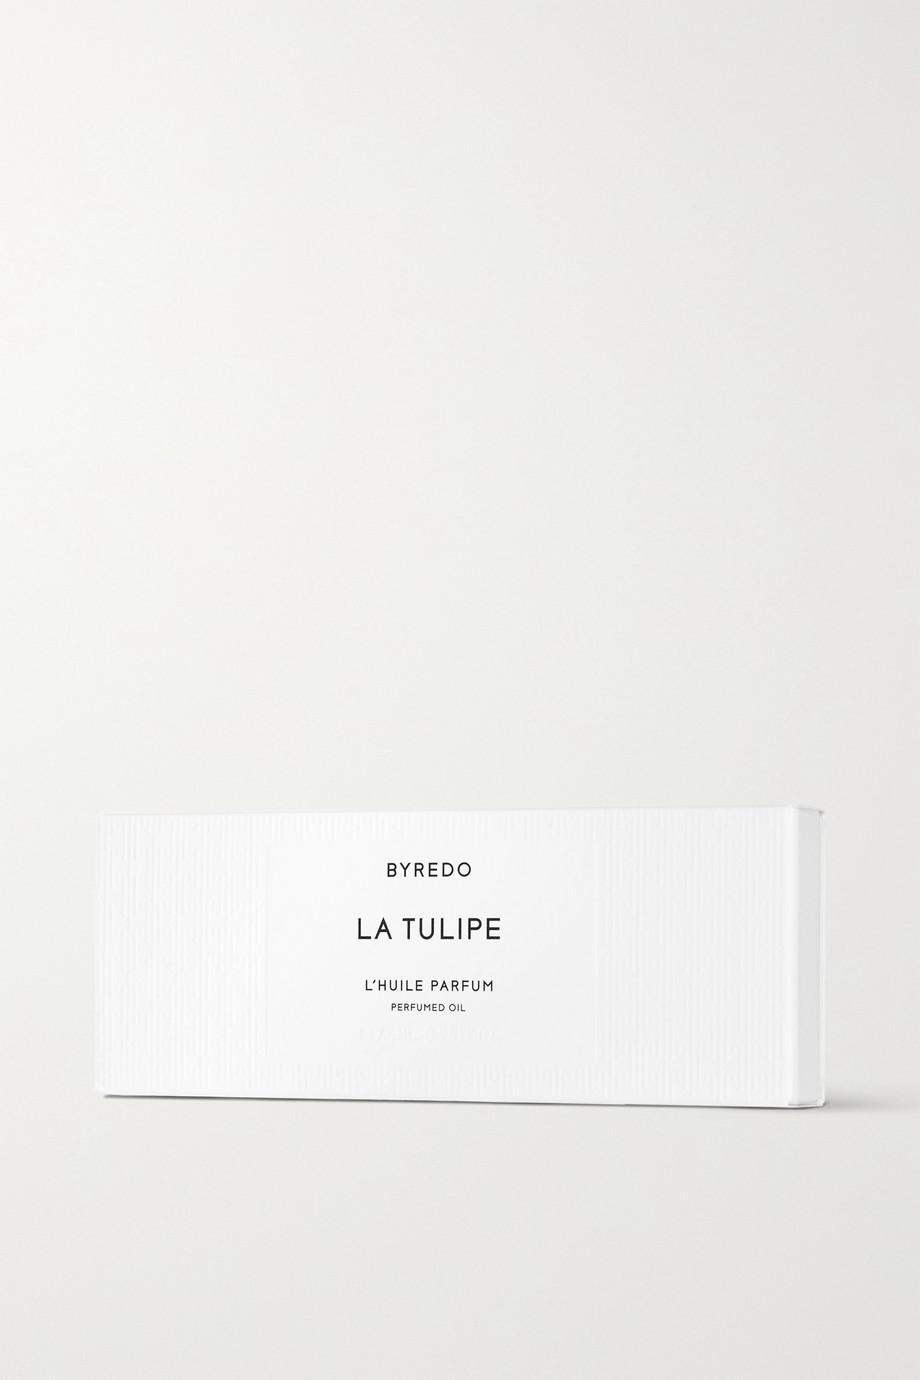 Byredo Perfumed Oil Roll-On - La Tulipe, 7.5ml